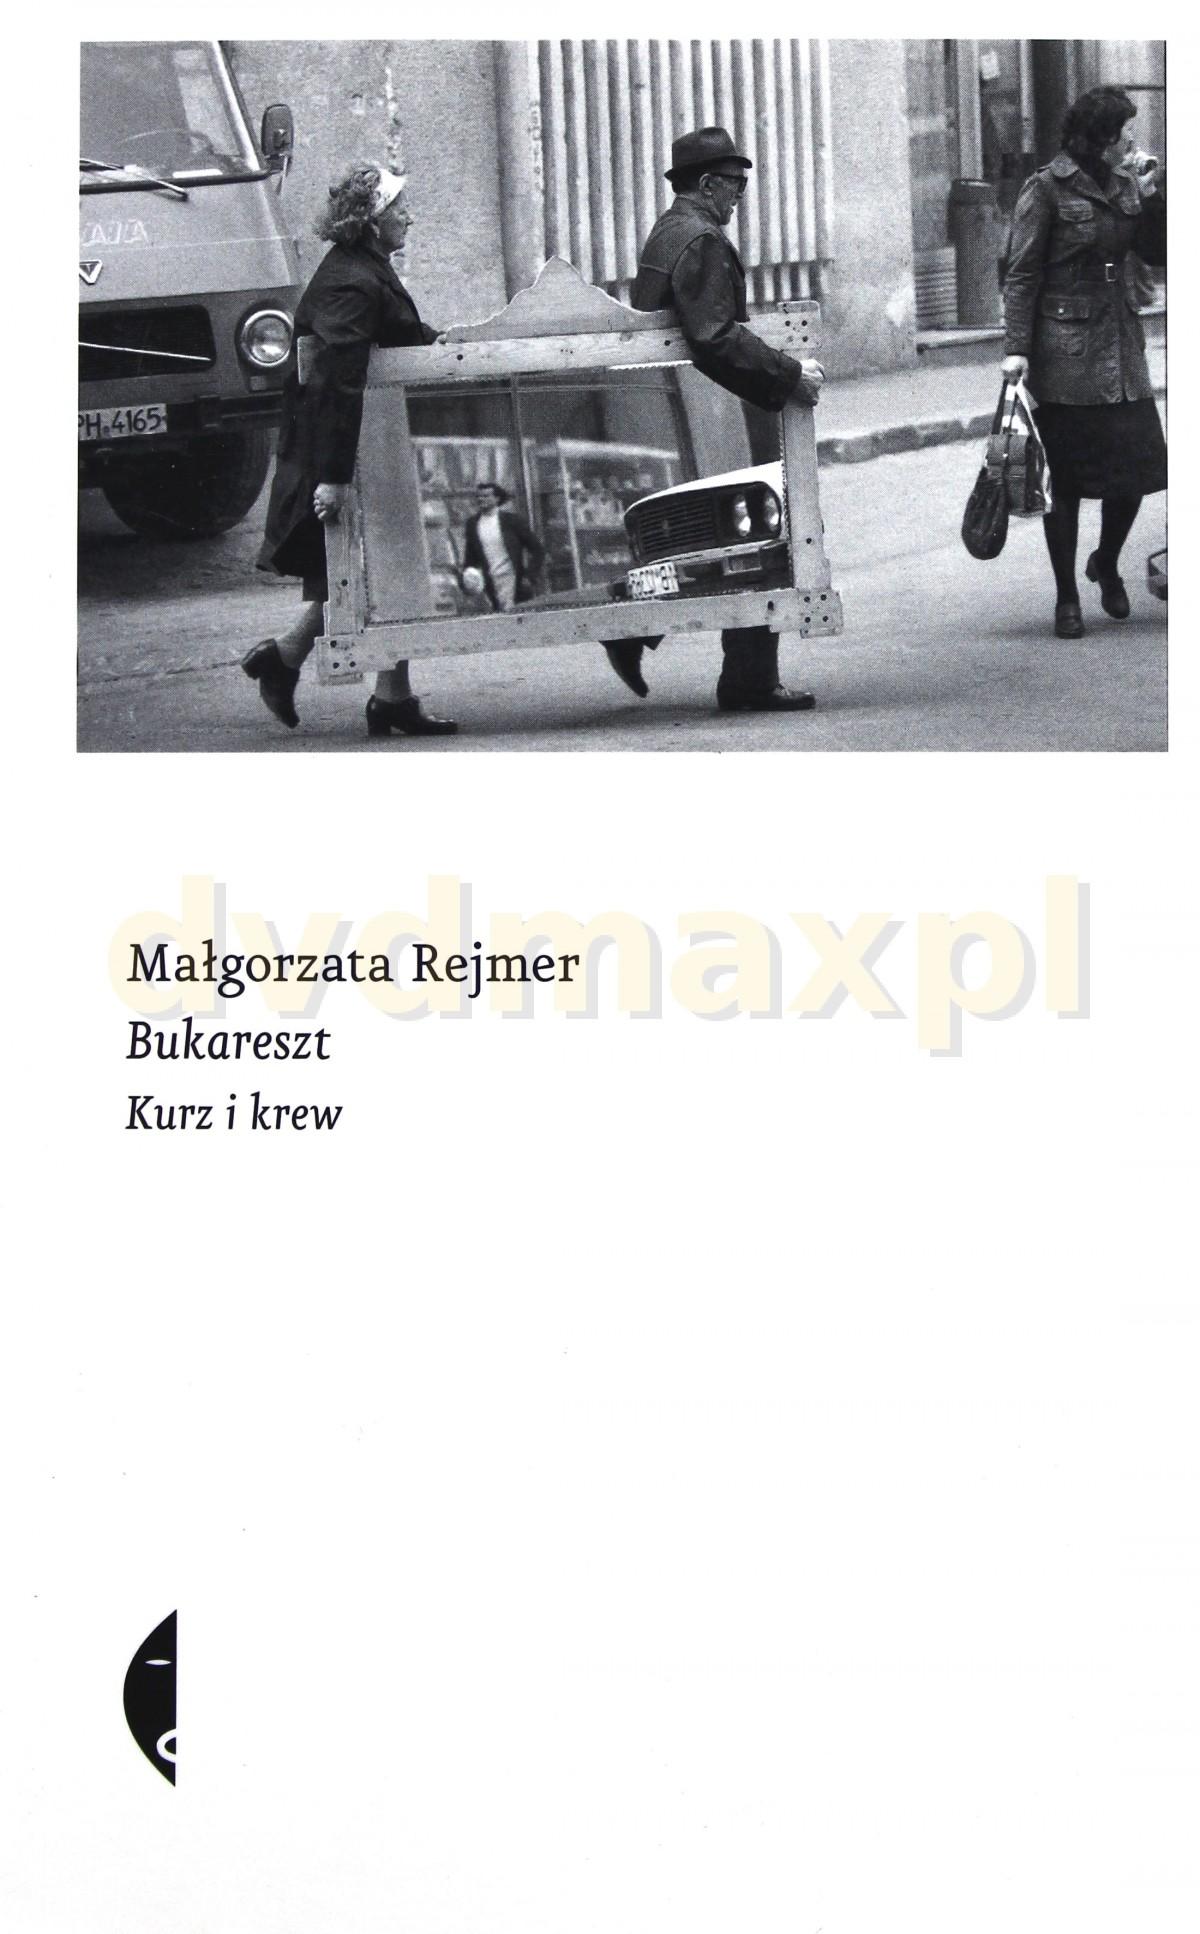 Bukareszt Krew I Kurz - Małgorzata Rejmer [KSIĄŻKA] - Małgorzata Rejmer